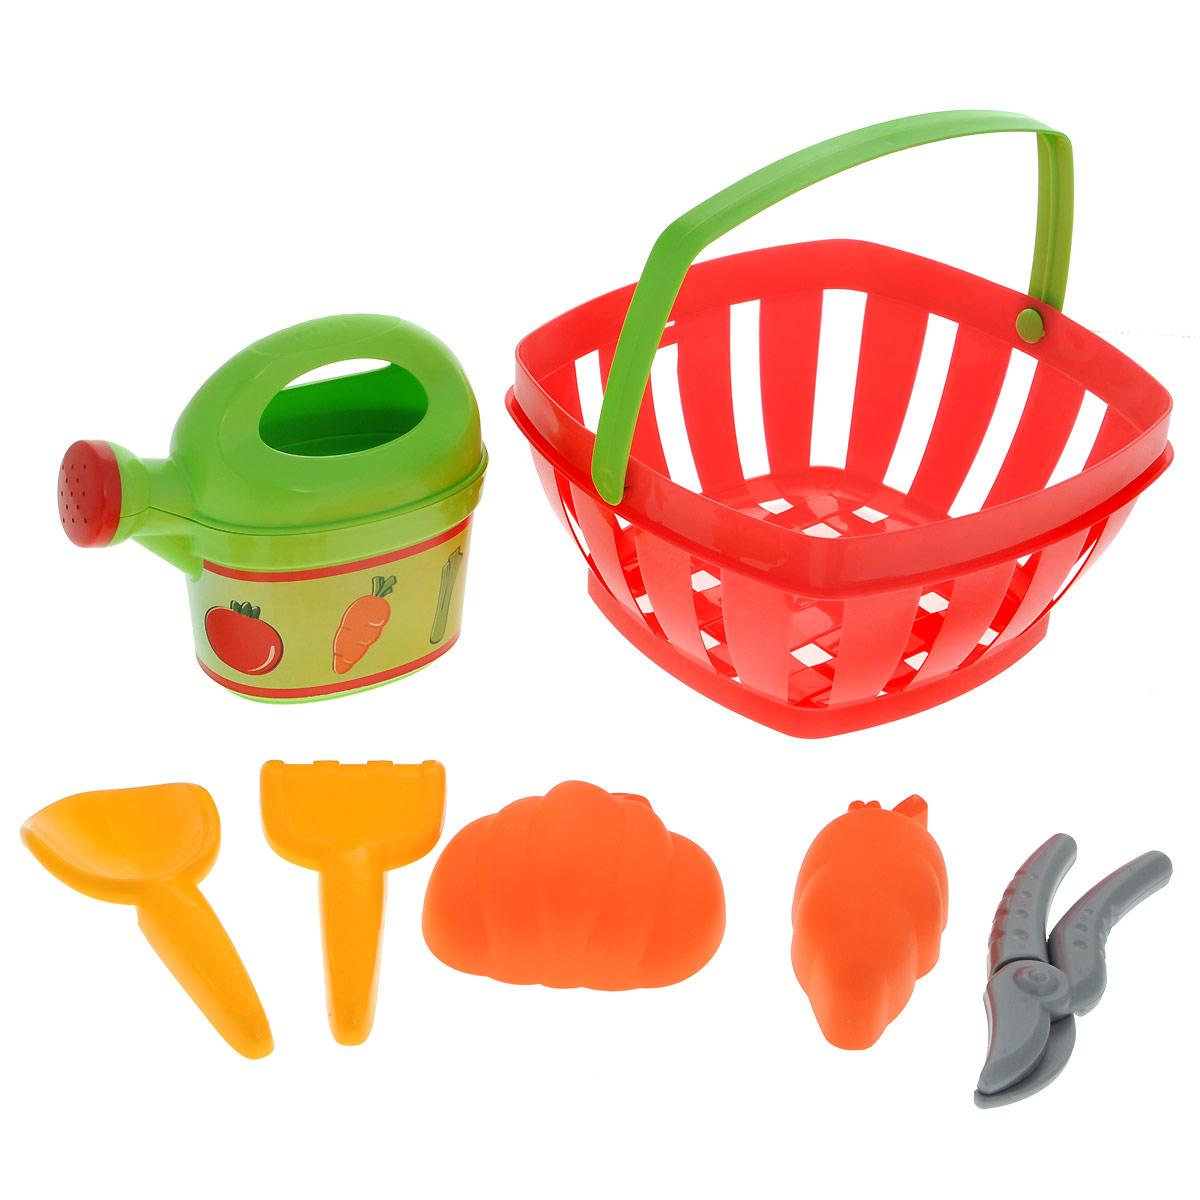 Ecoiffier Игровой набор Для огорода, 7 предметов для огорода